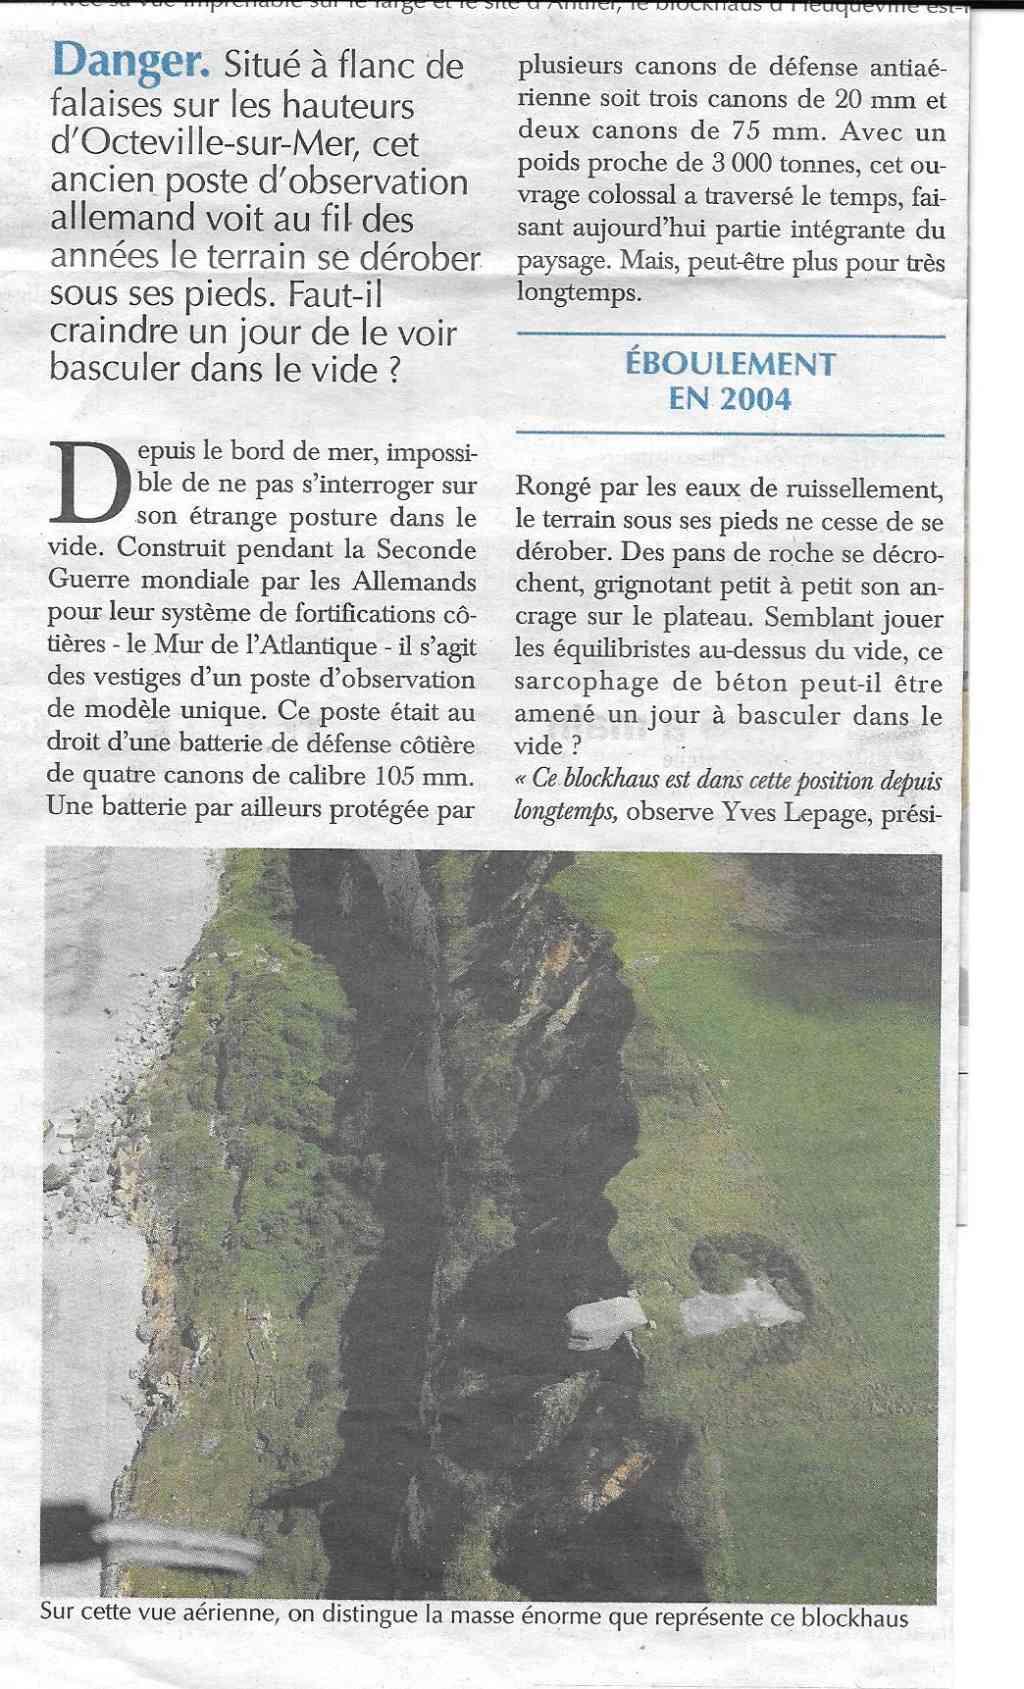 Histoire des communes - Heuqueville 911